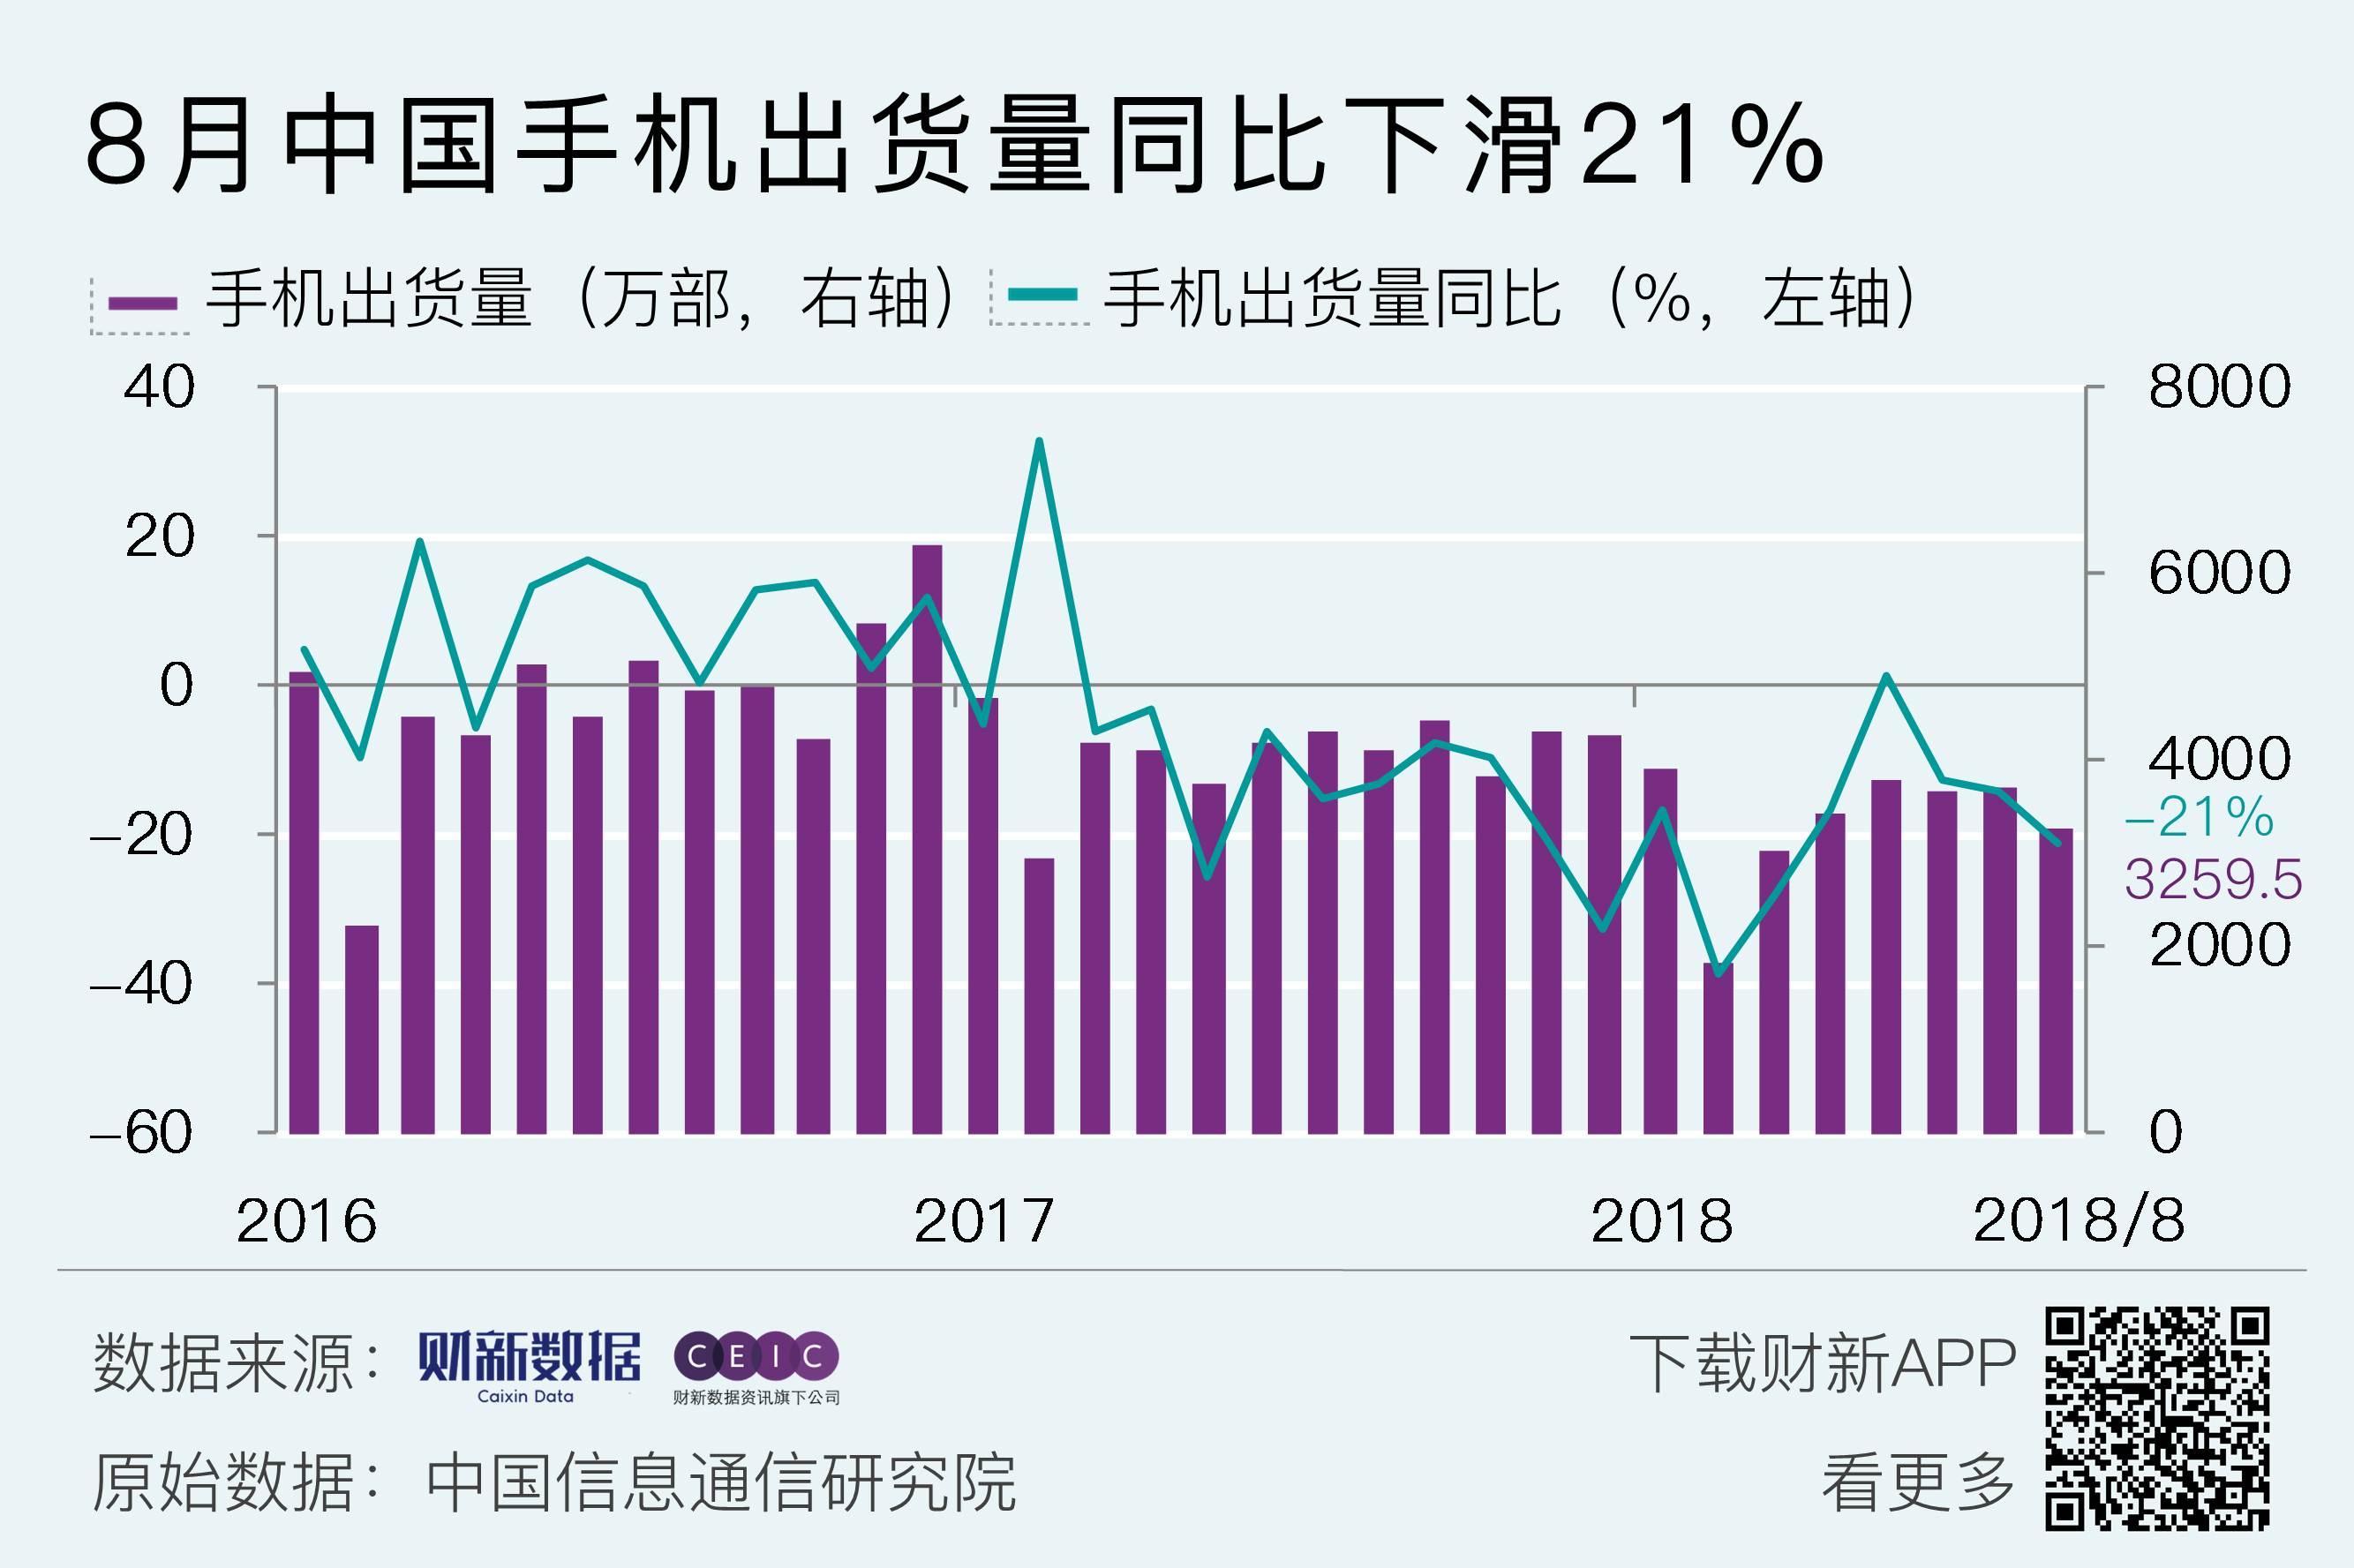 8月中国手机出货量同比下滑21%